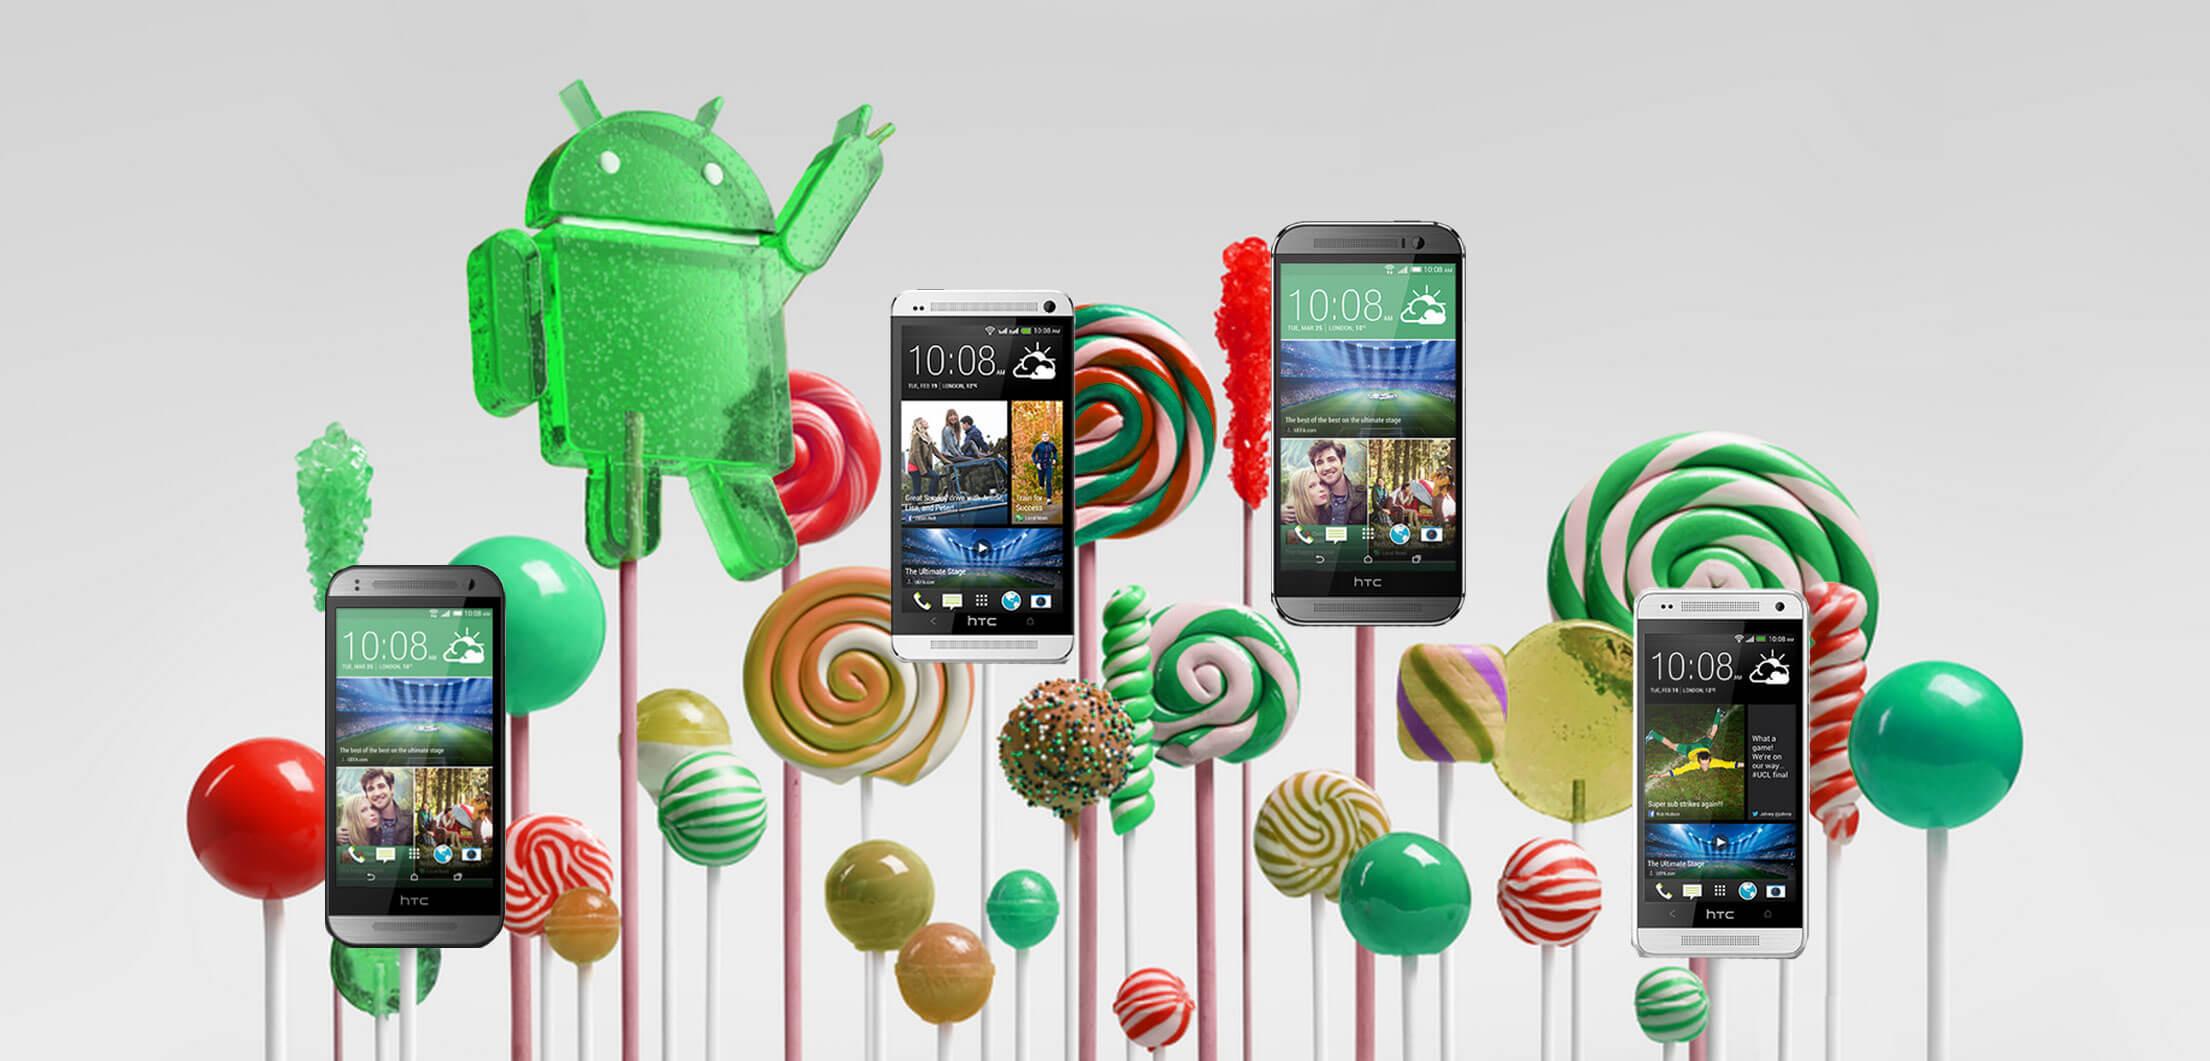 Кто и когда получит Android 5.0 Lollipop